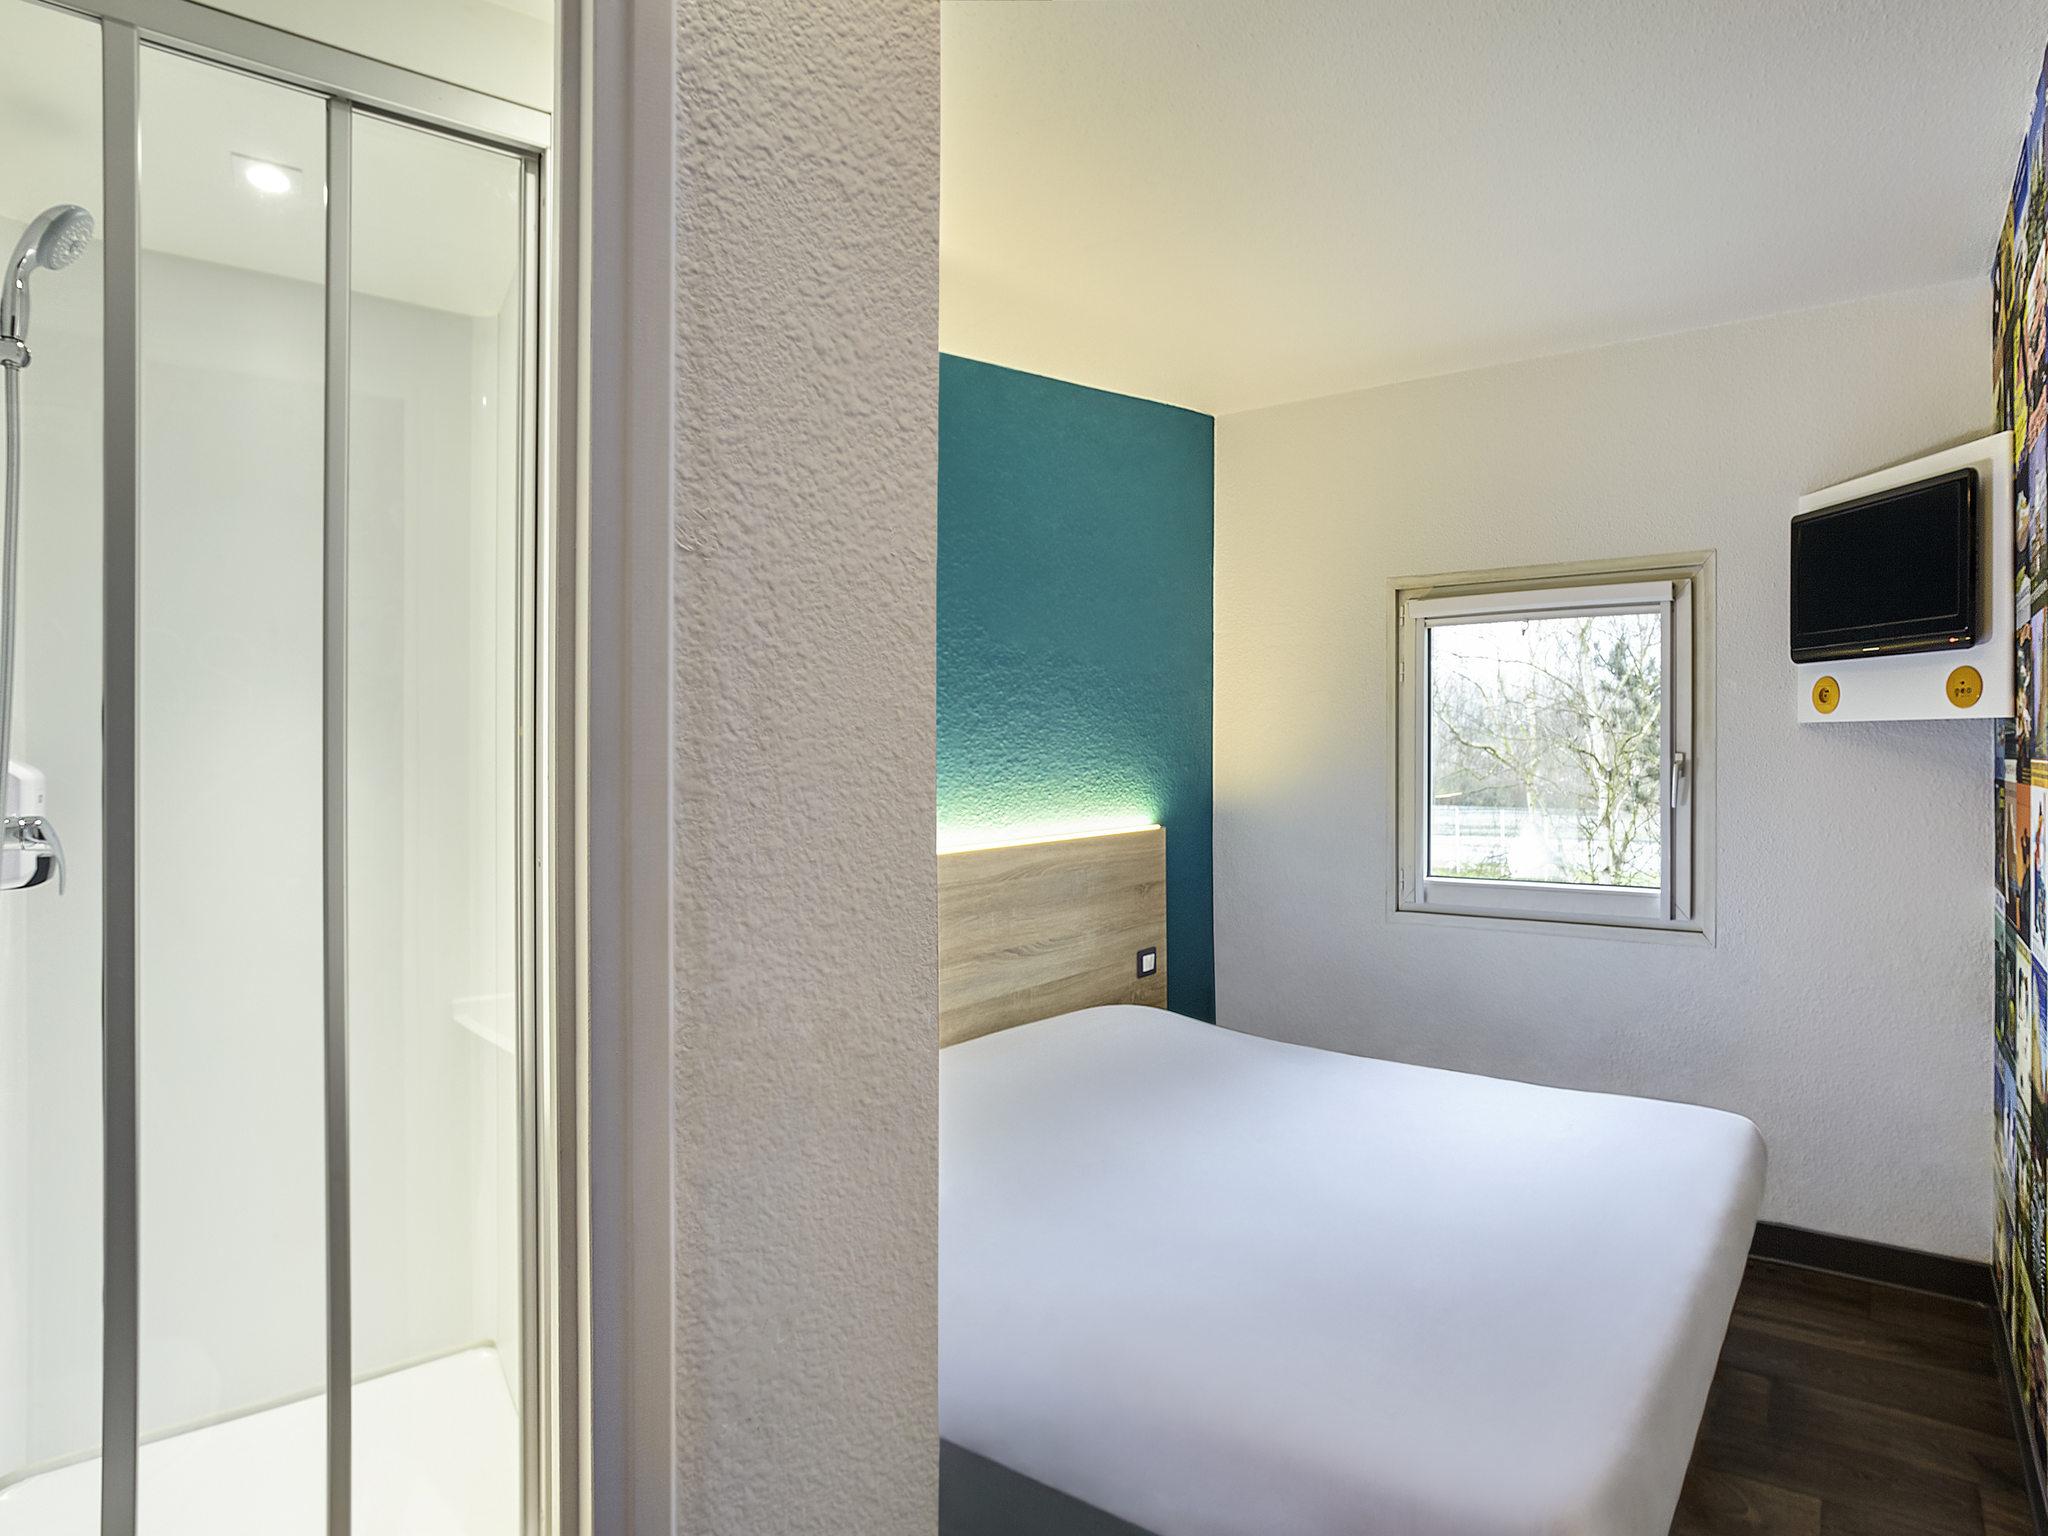 Отель — hotelF1 Lille Métropole (Métro Mons Sarts)